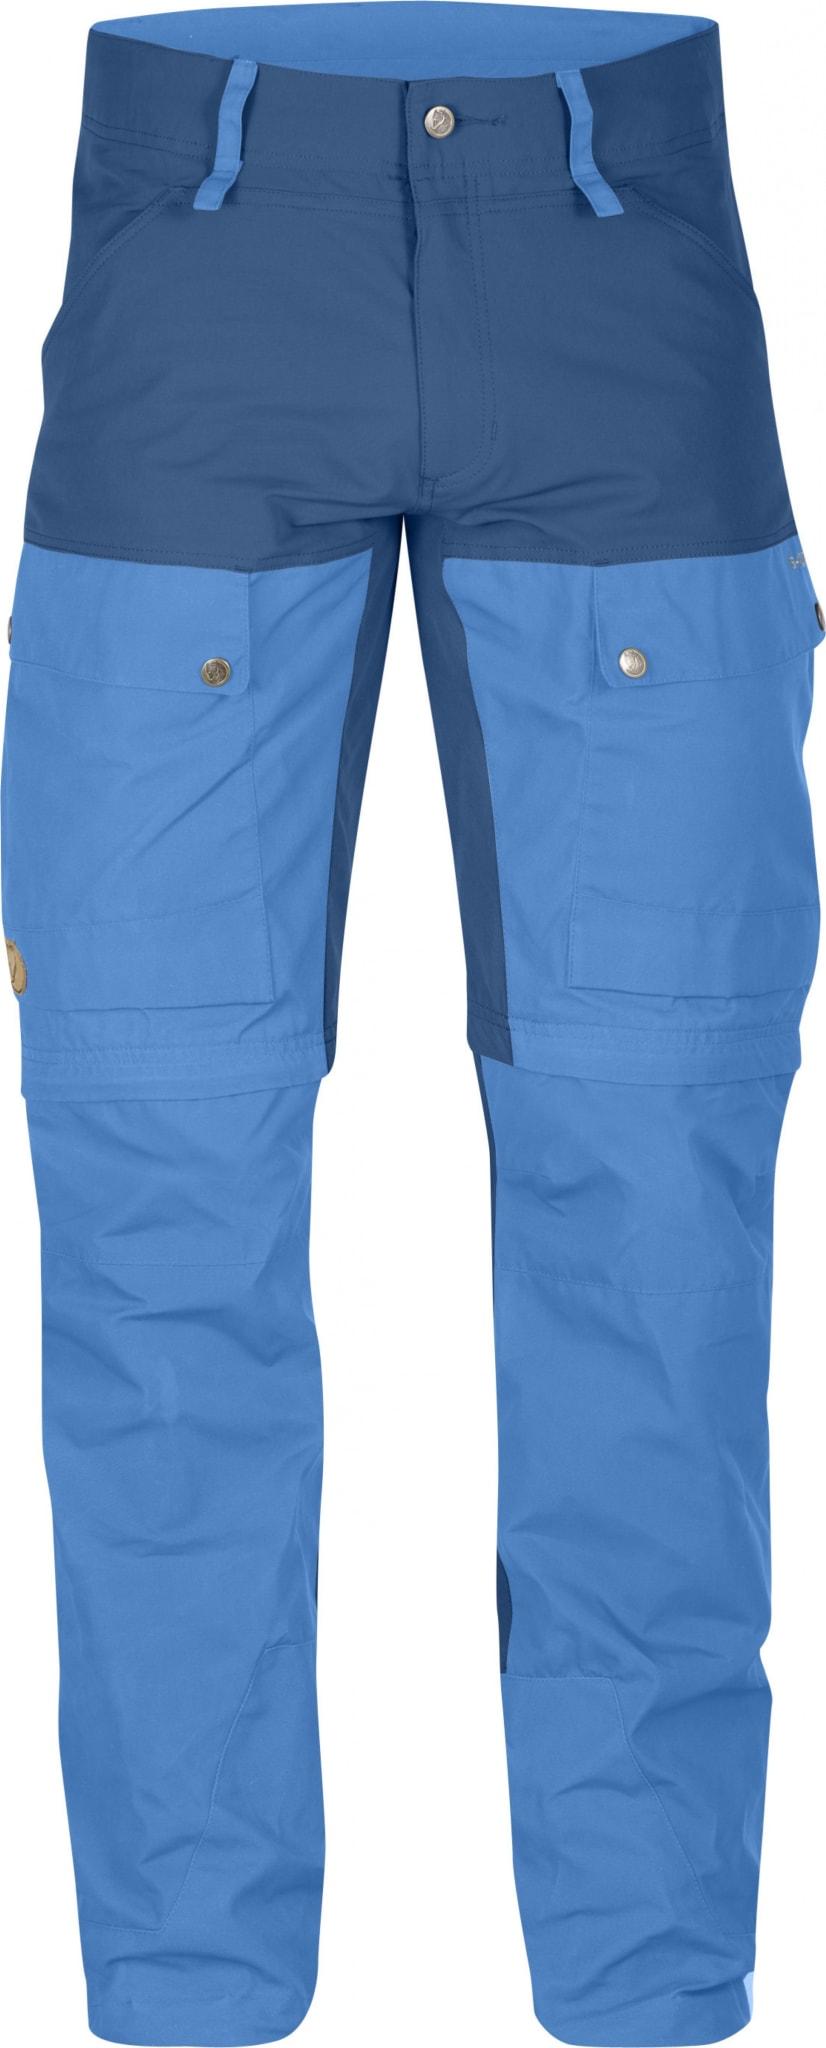 Teknisk avansert turbukse med avtakbare bukseben